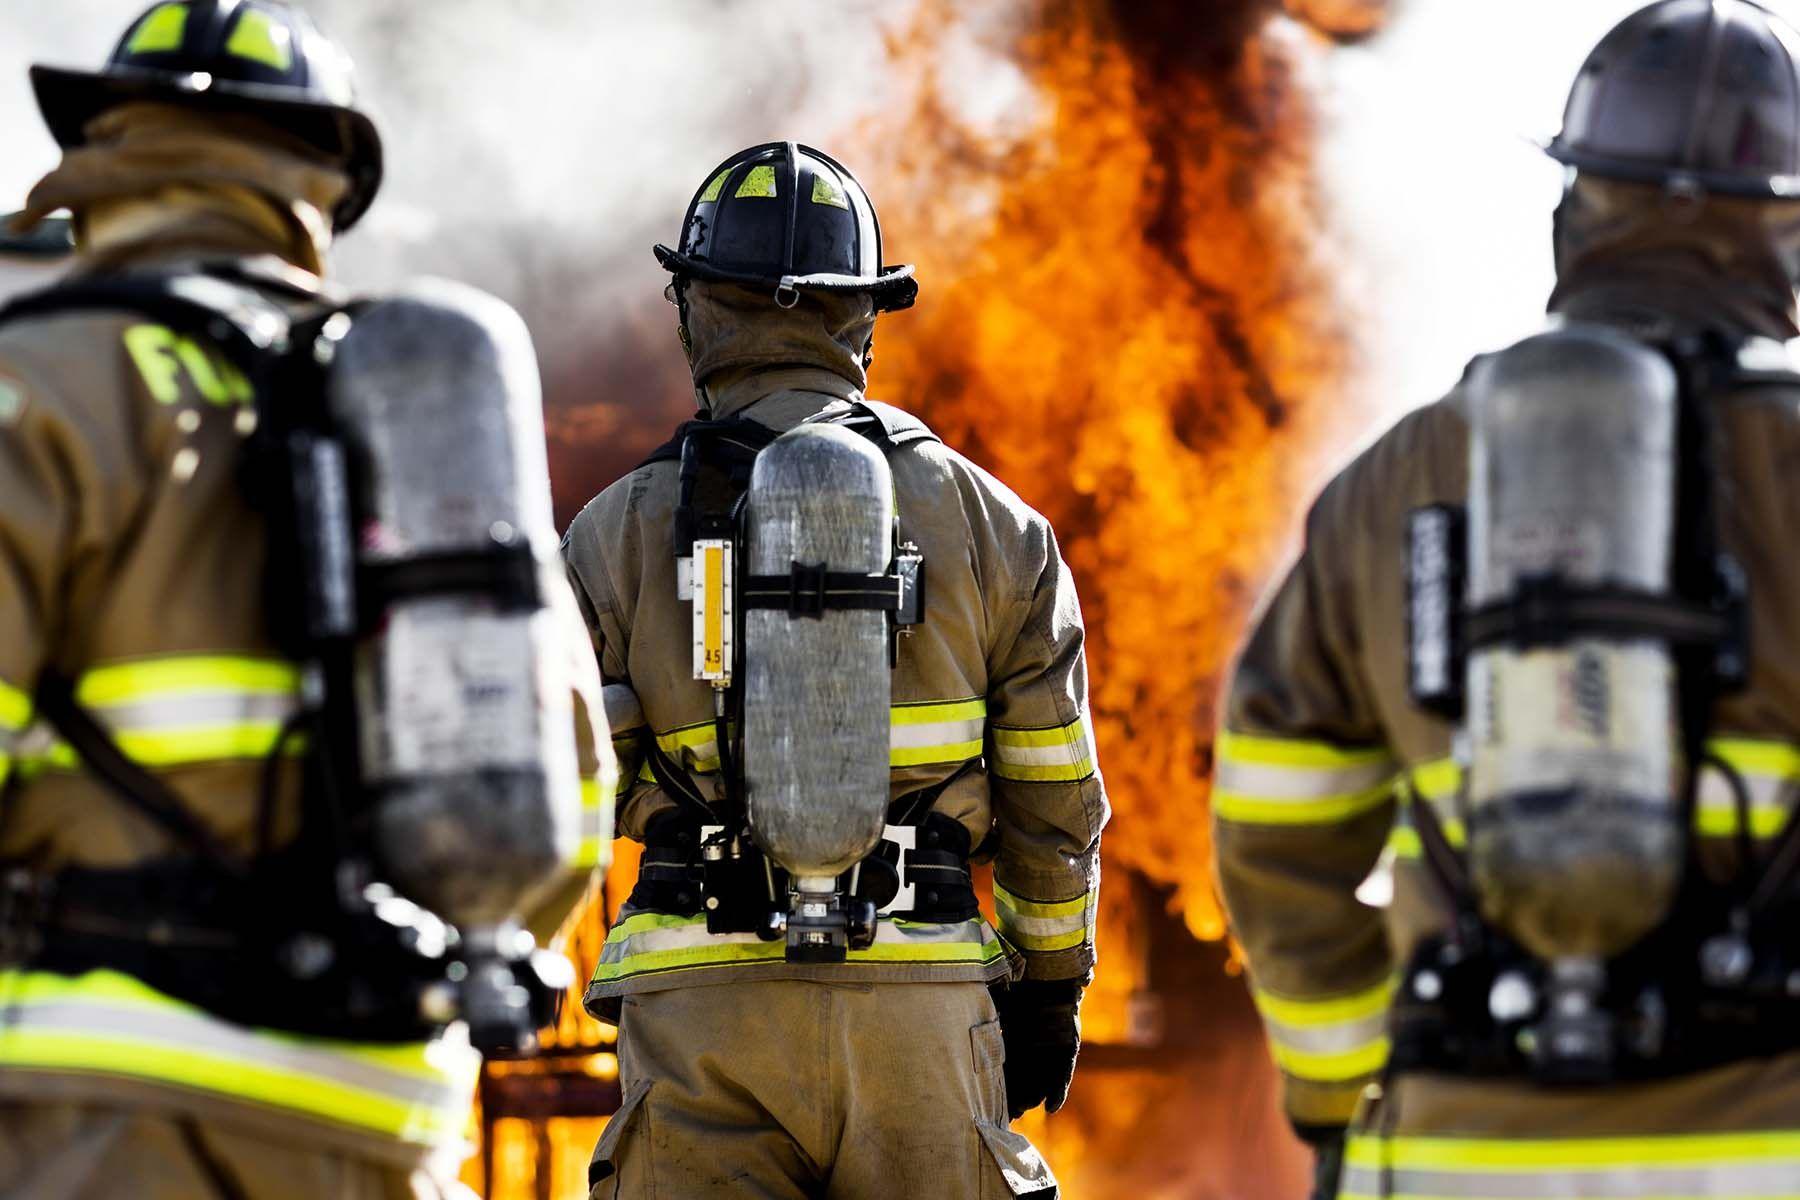 37+ Hero firefighter info